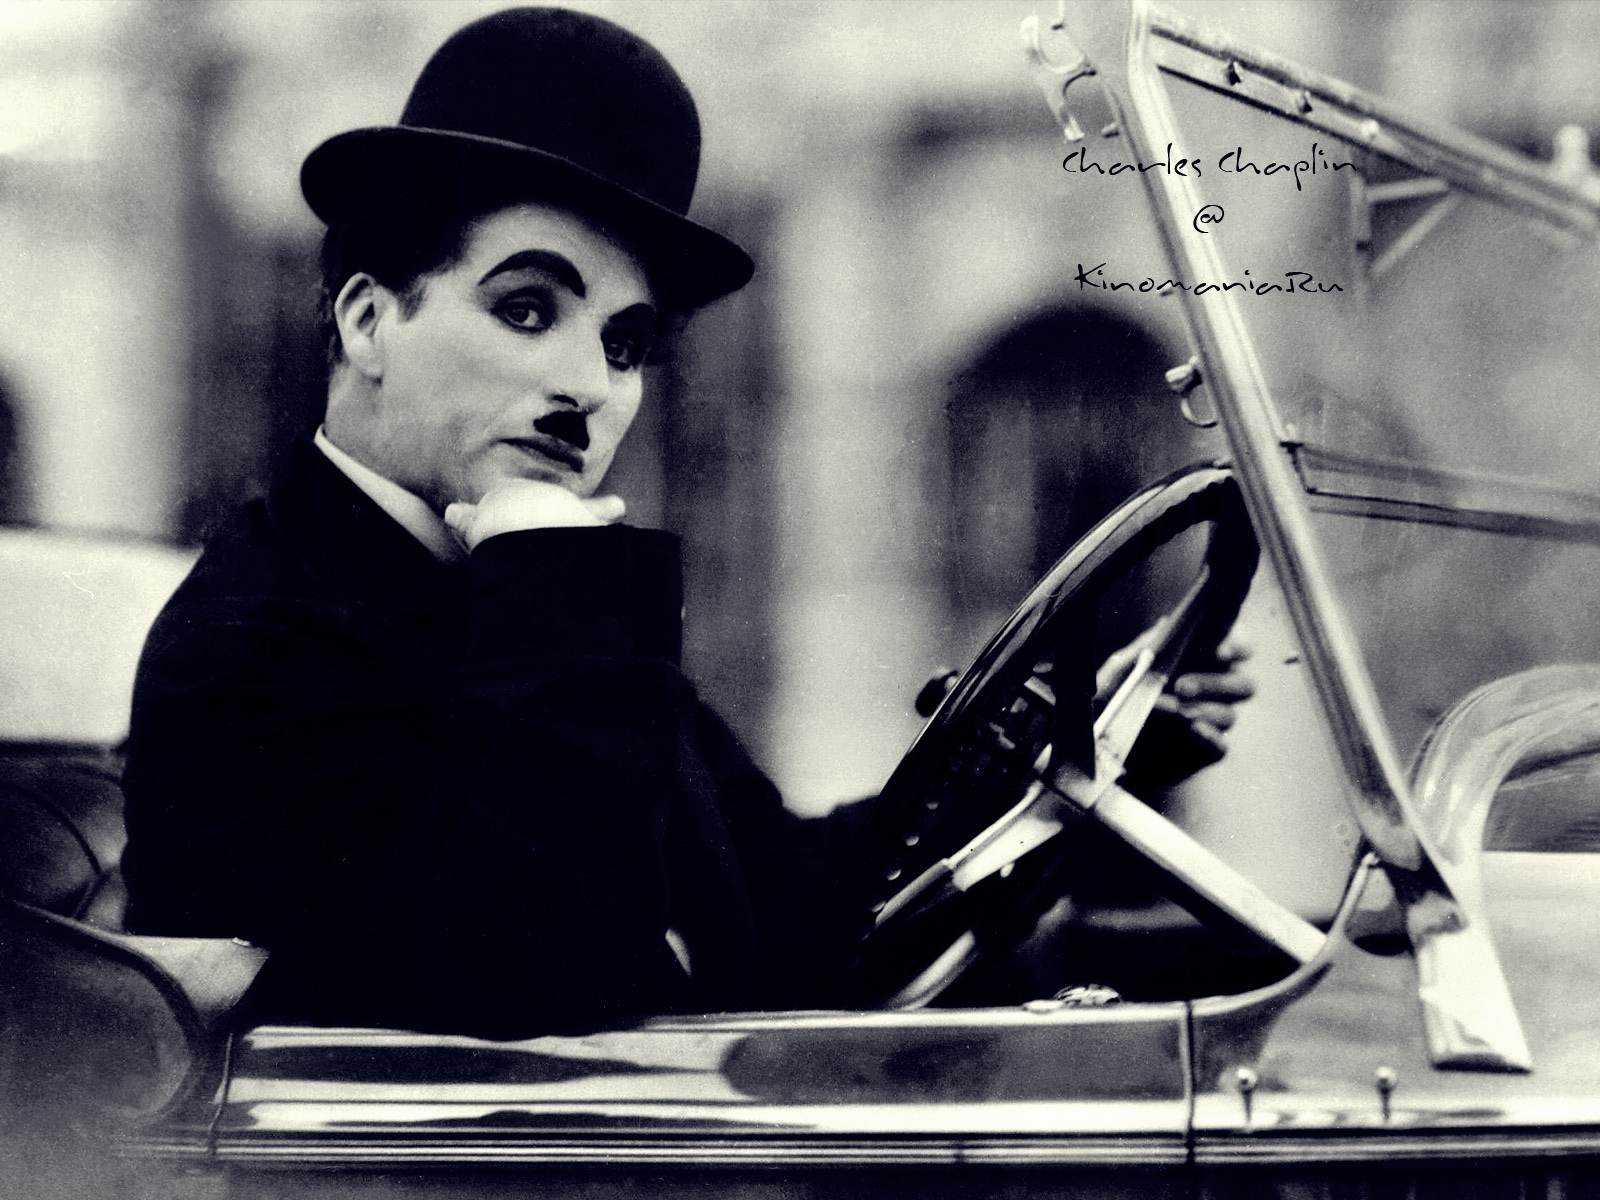 Charlie Chaplin Wallpaper 18   1600 X 1200 stmednet 1600x1200